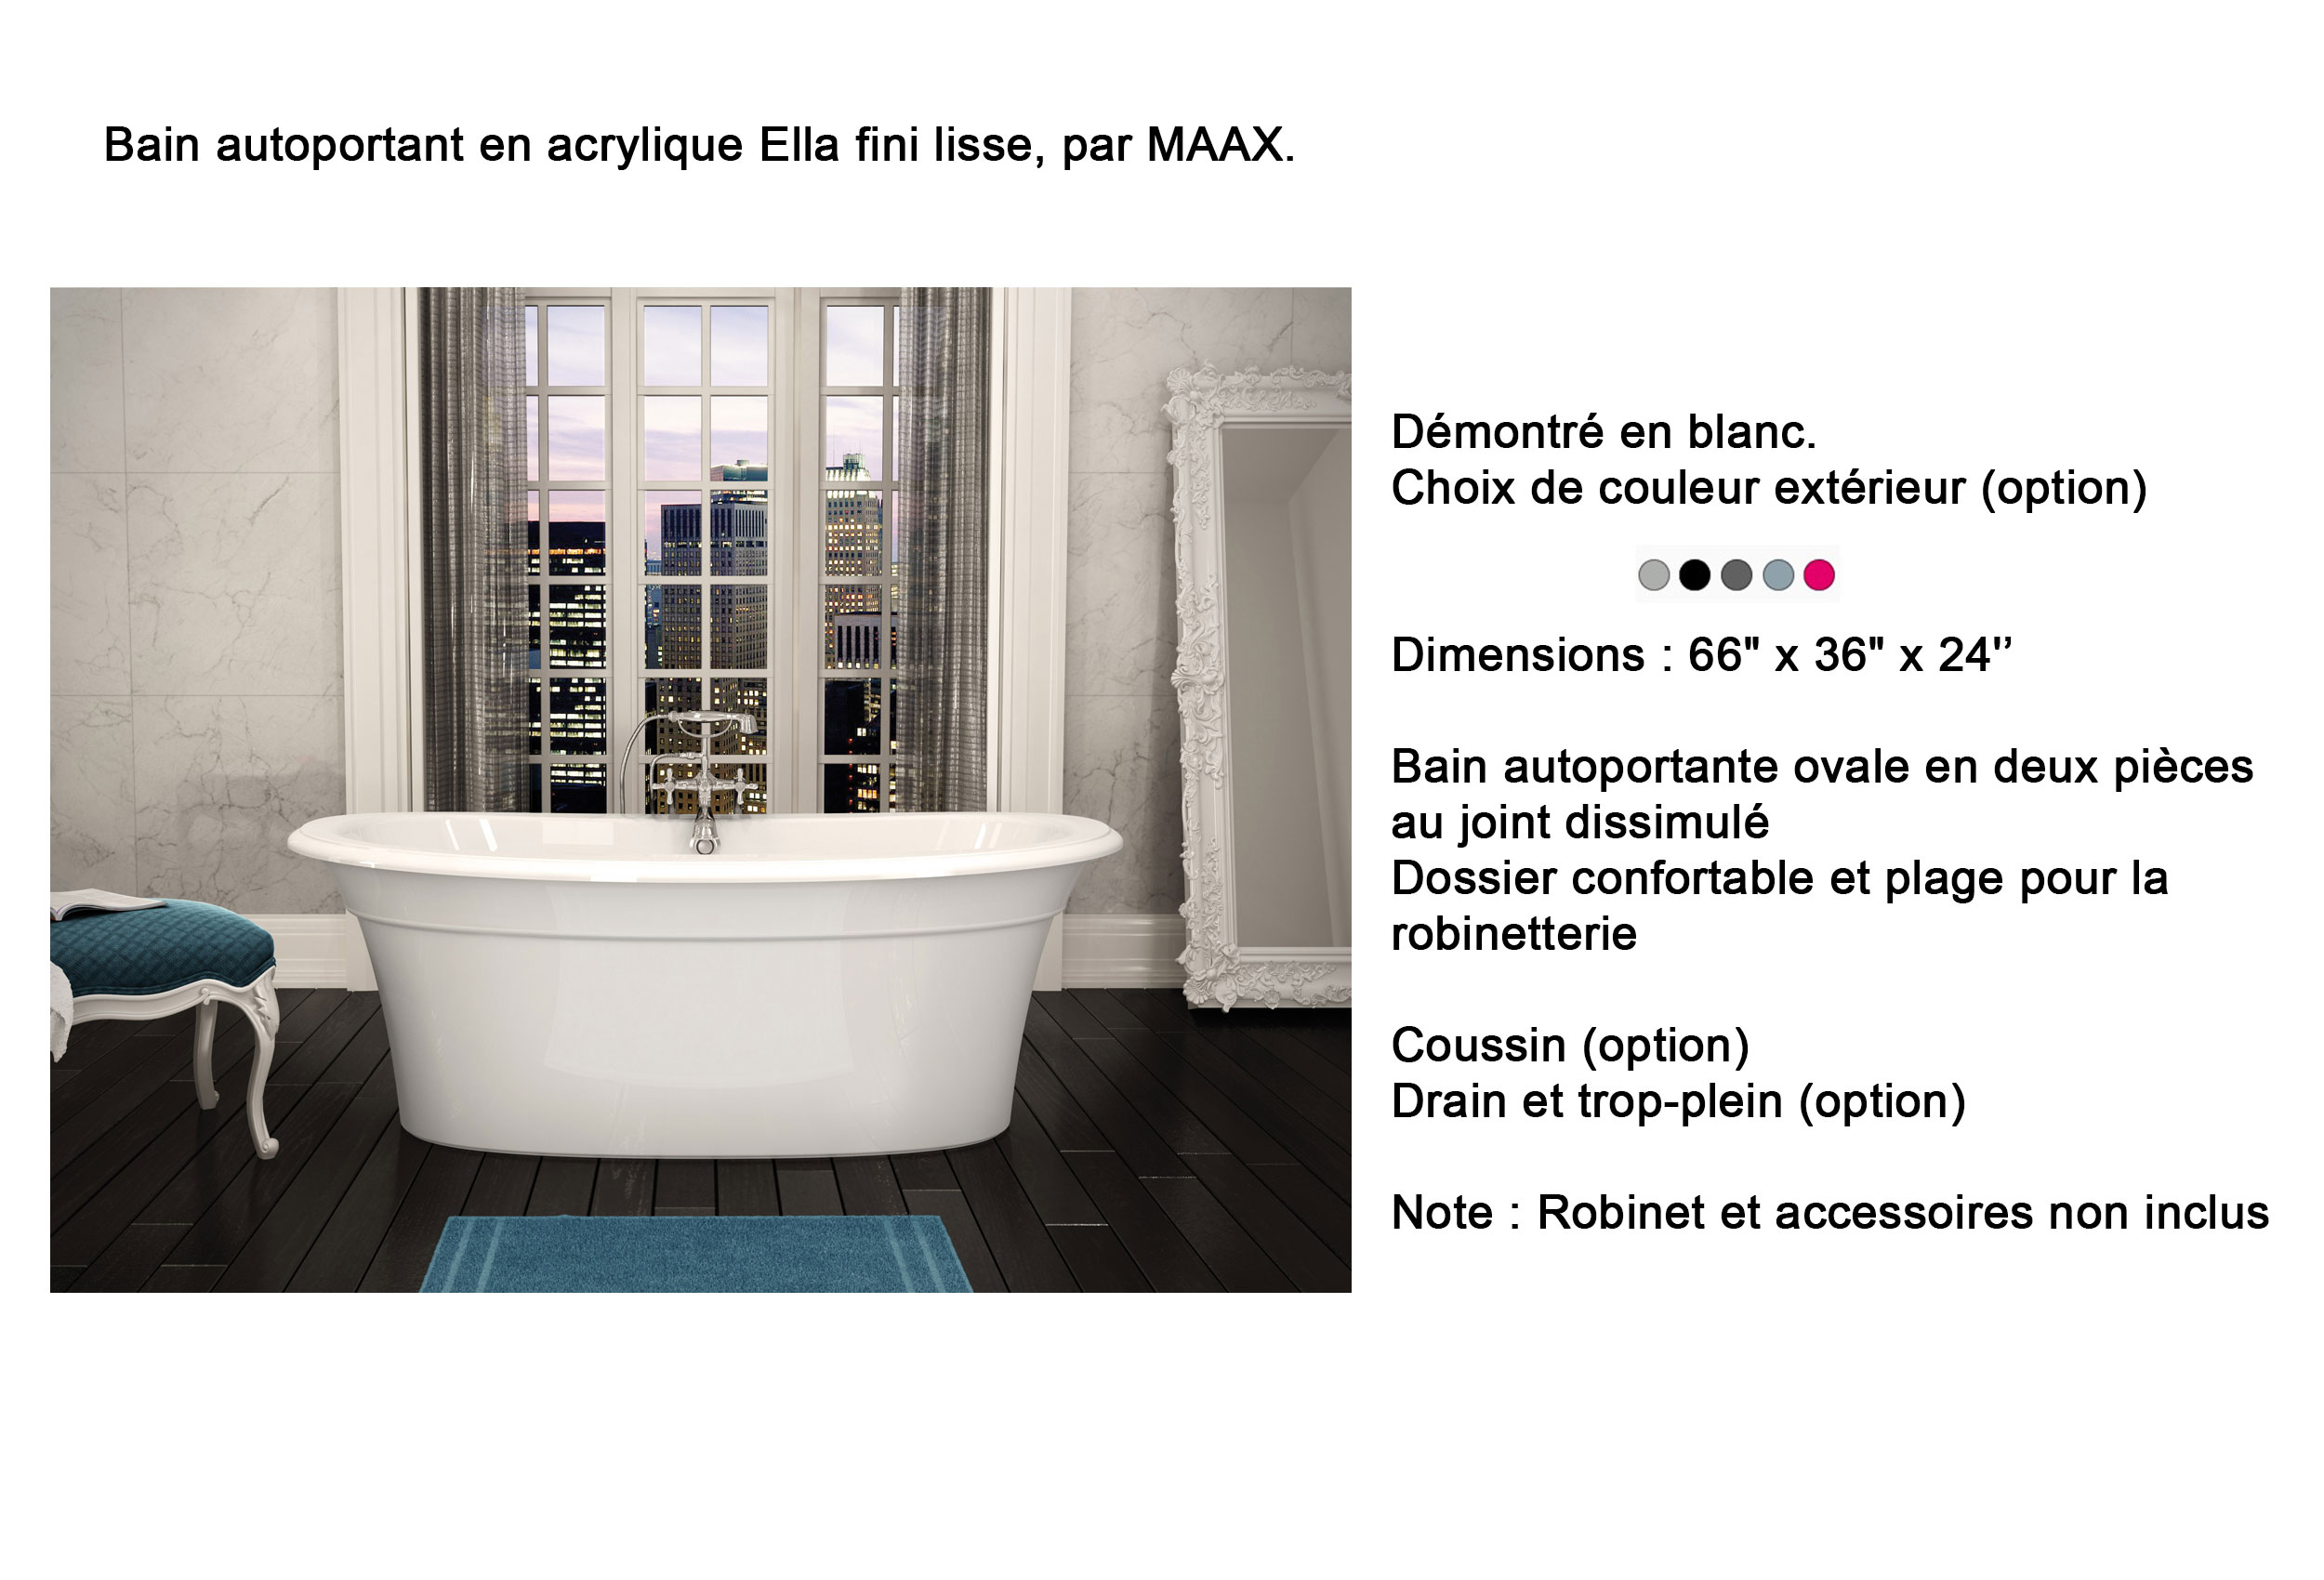 Accessoire Salle De Bain Sherbrooke ~ salle de bain douche bain et robinetterie r novation et